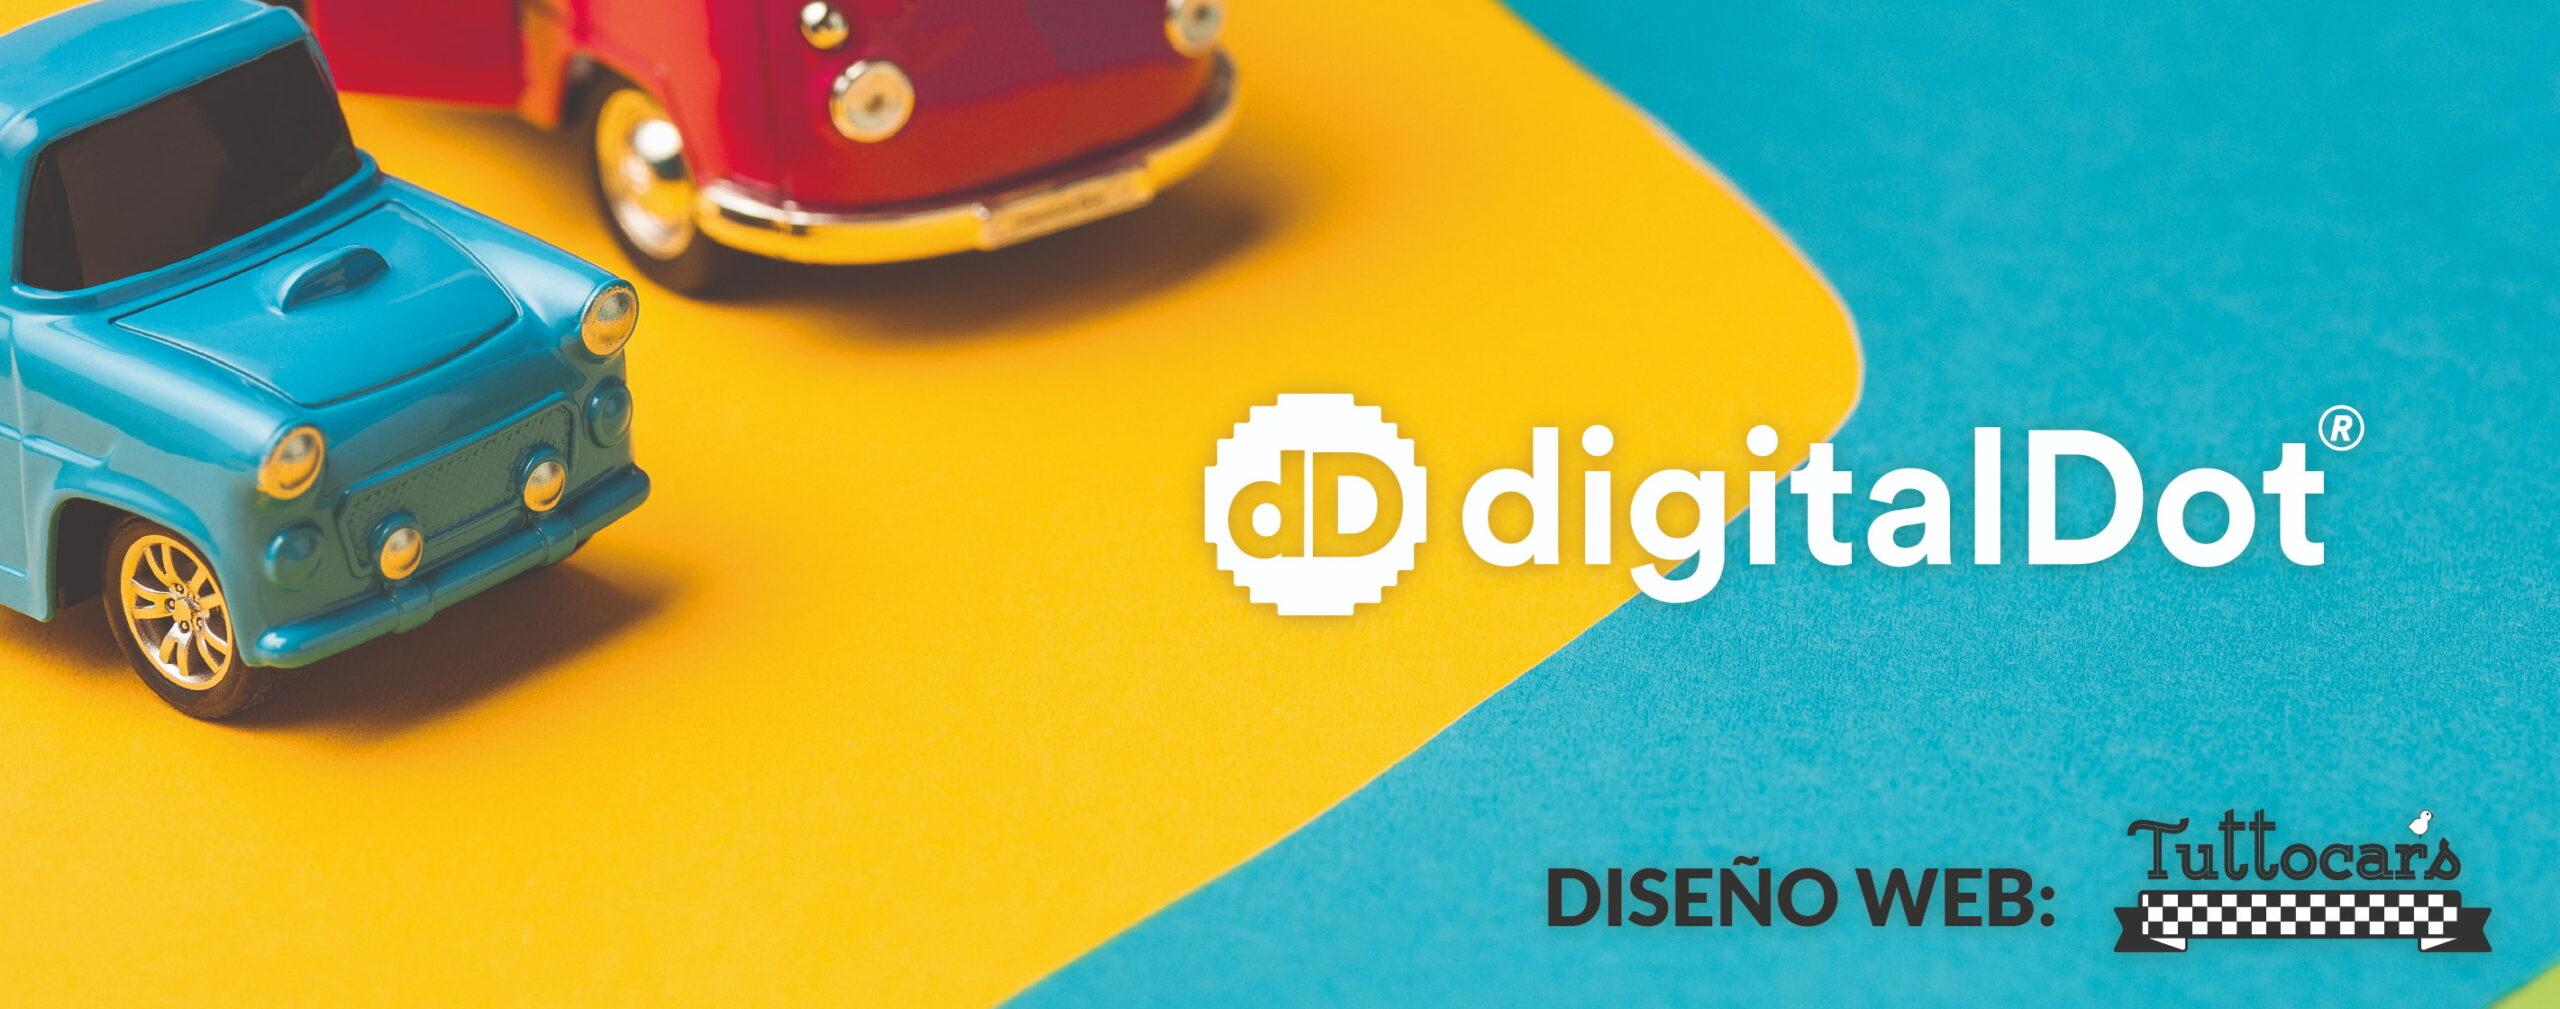 Diseño web y tiendas online. digitalDot